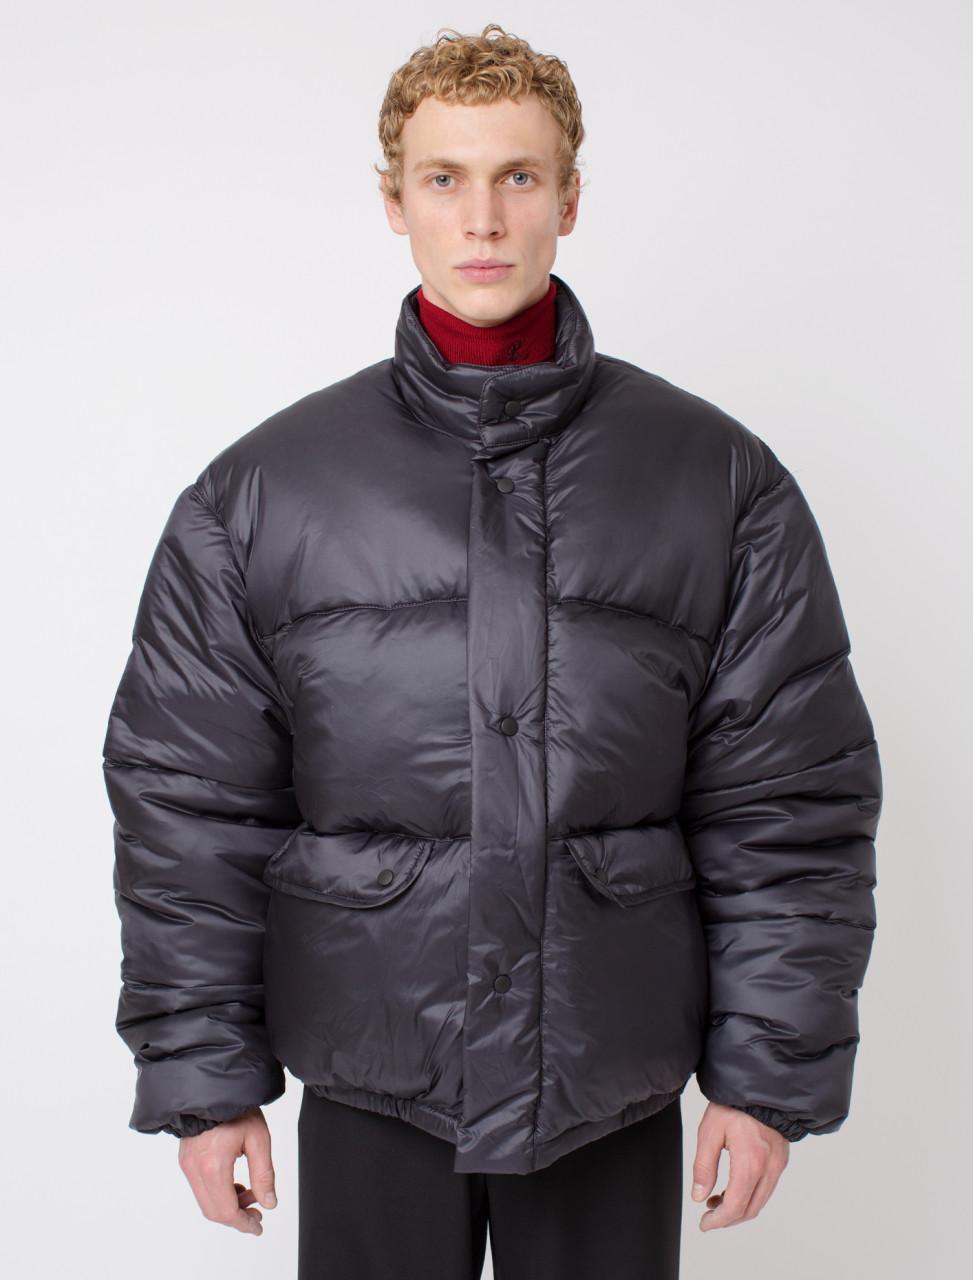 Lenox Jacket